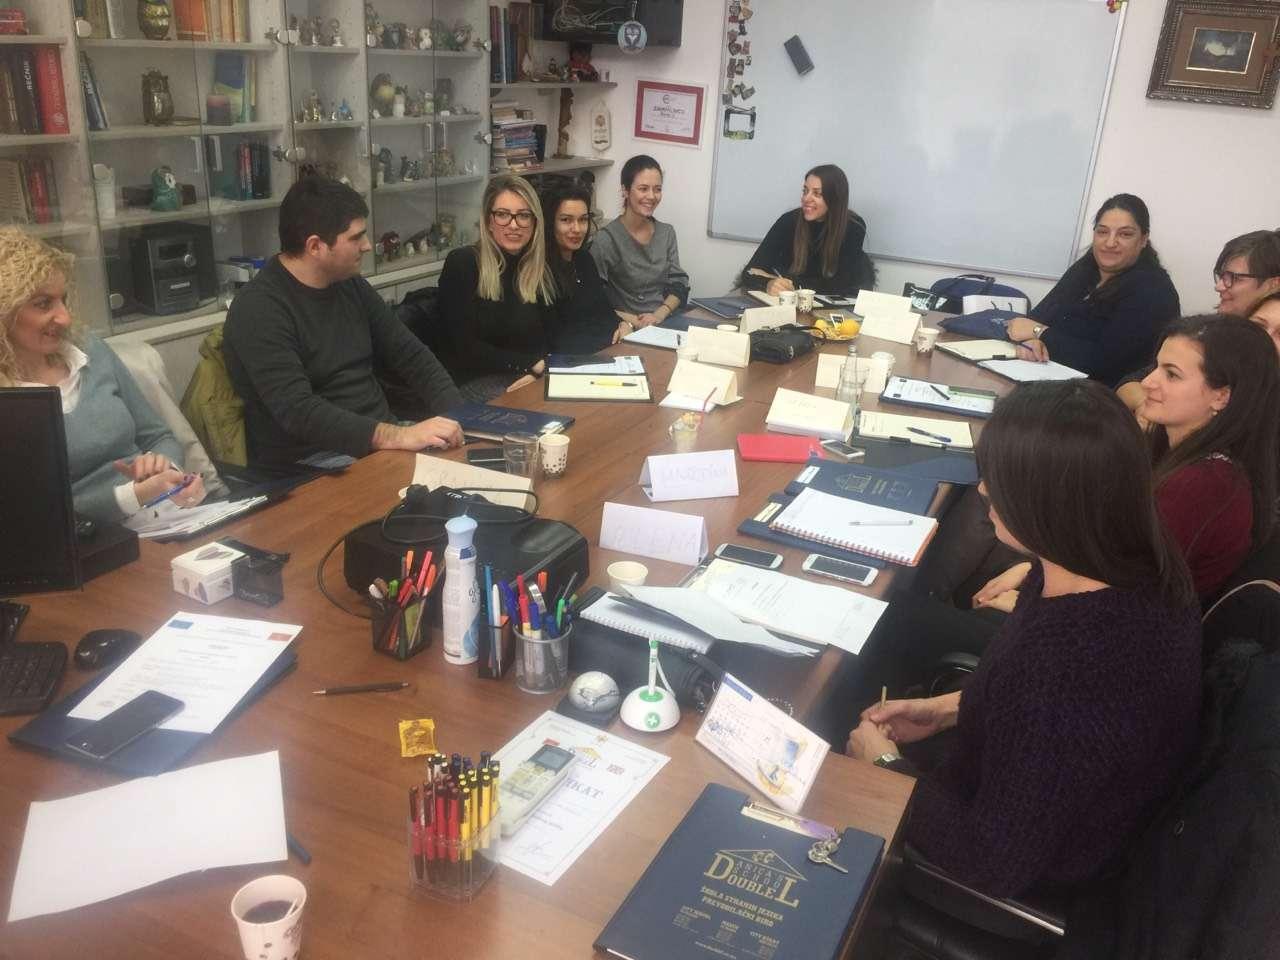 Održana obuka o usavršavanju jezičkih vještina u okviru projekta - Unapređenje znanja engleskog jezika zaposlenih u Operativnoj strukturi